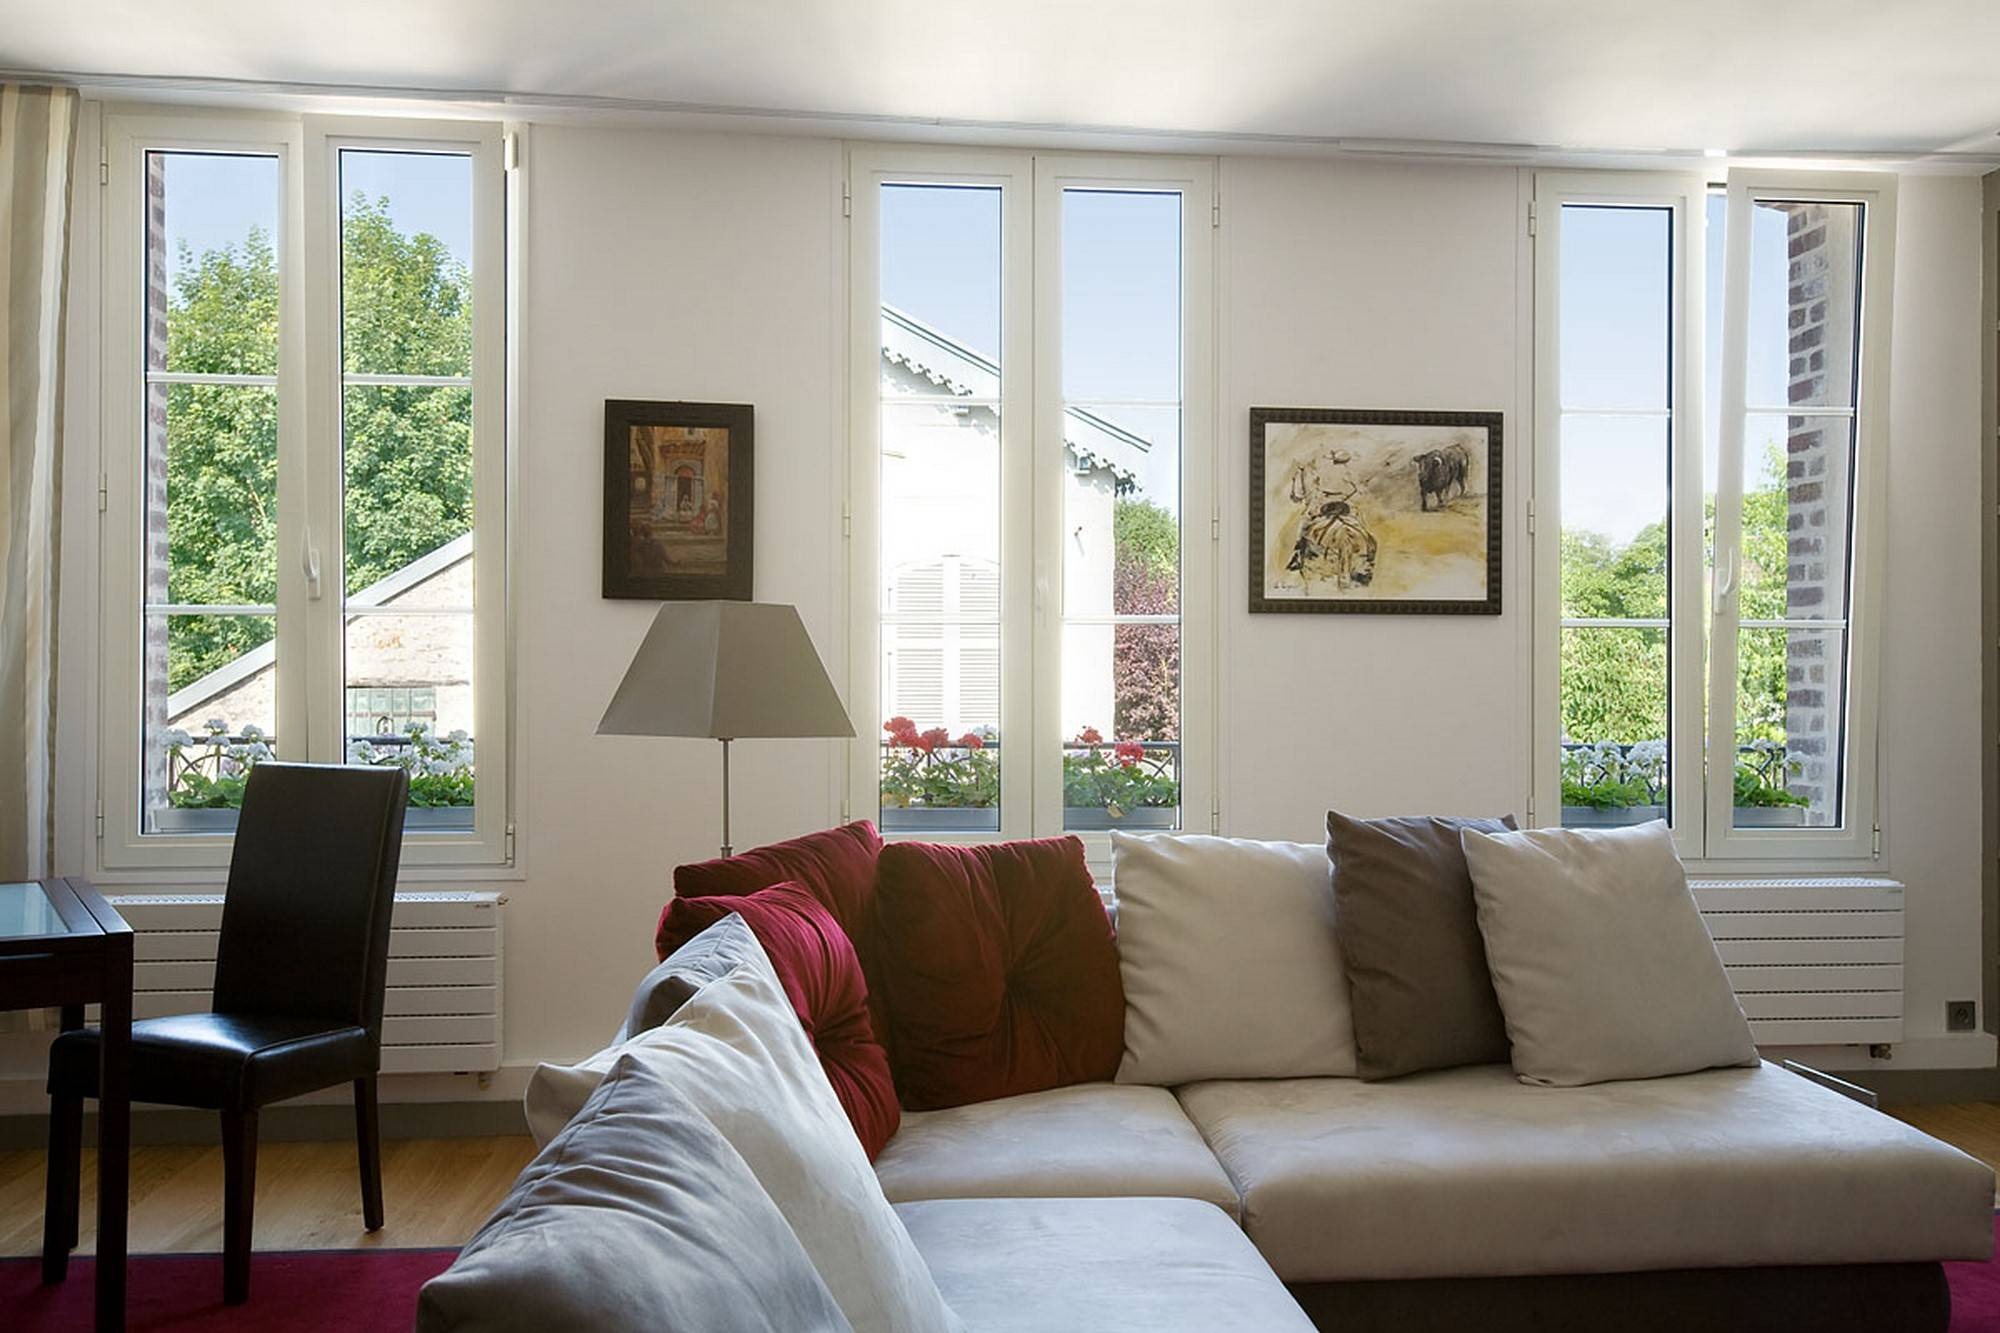 vente et pose de menuiseries ext rieures rouen vall e de seine r novation. Black Bedroom Furniture Sets. Home Design Ideas